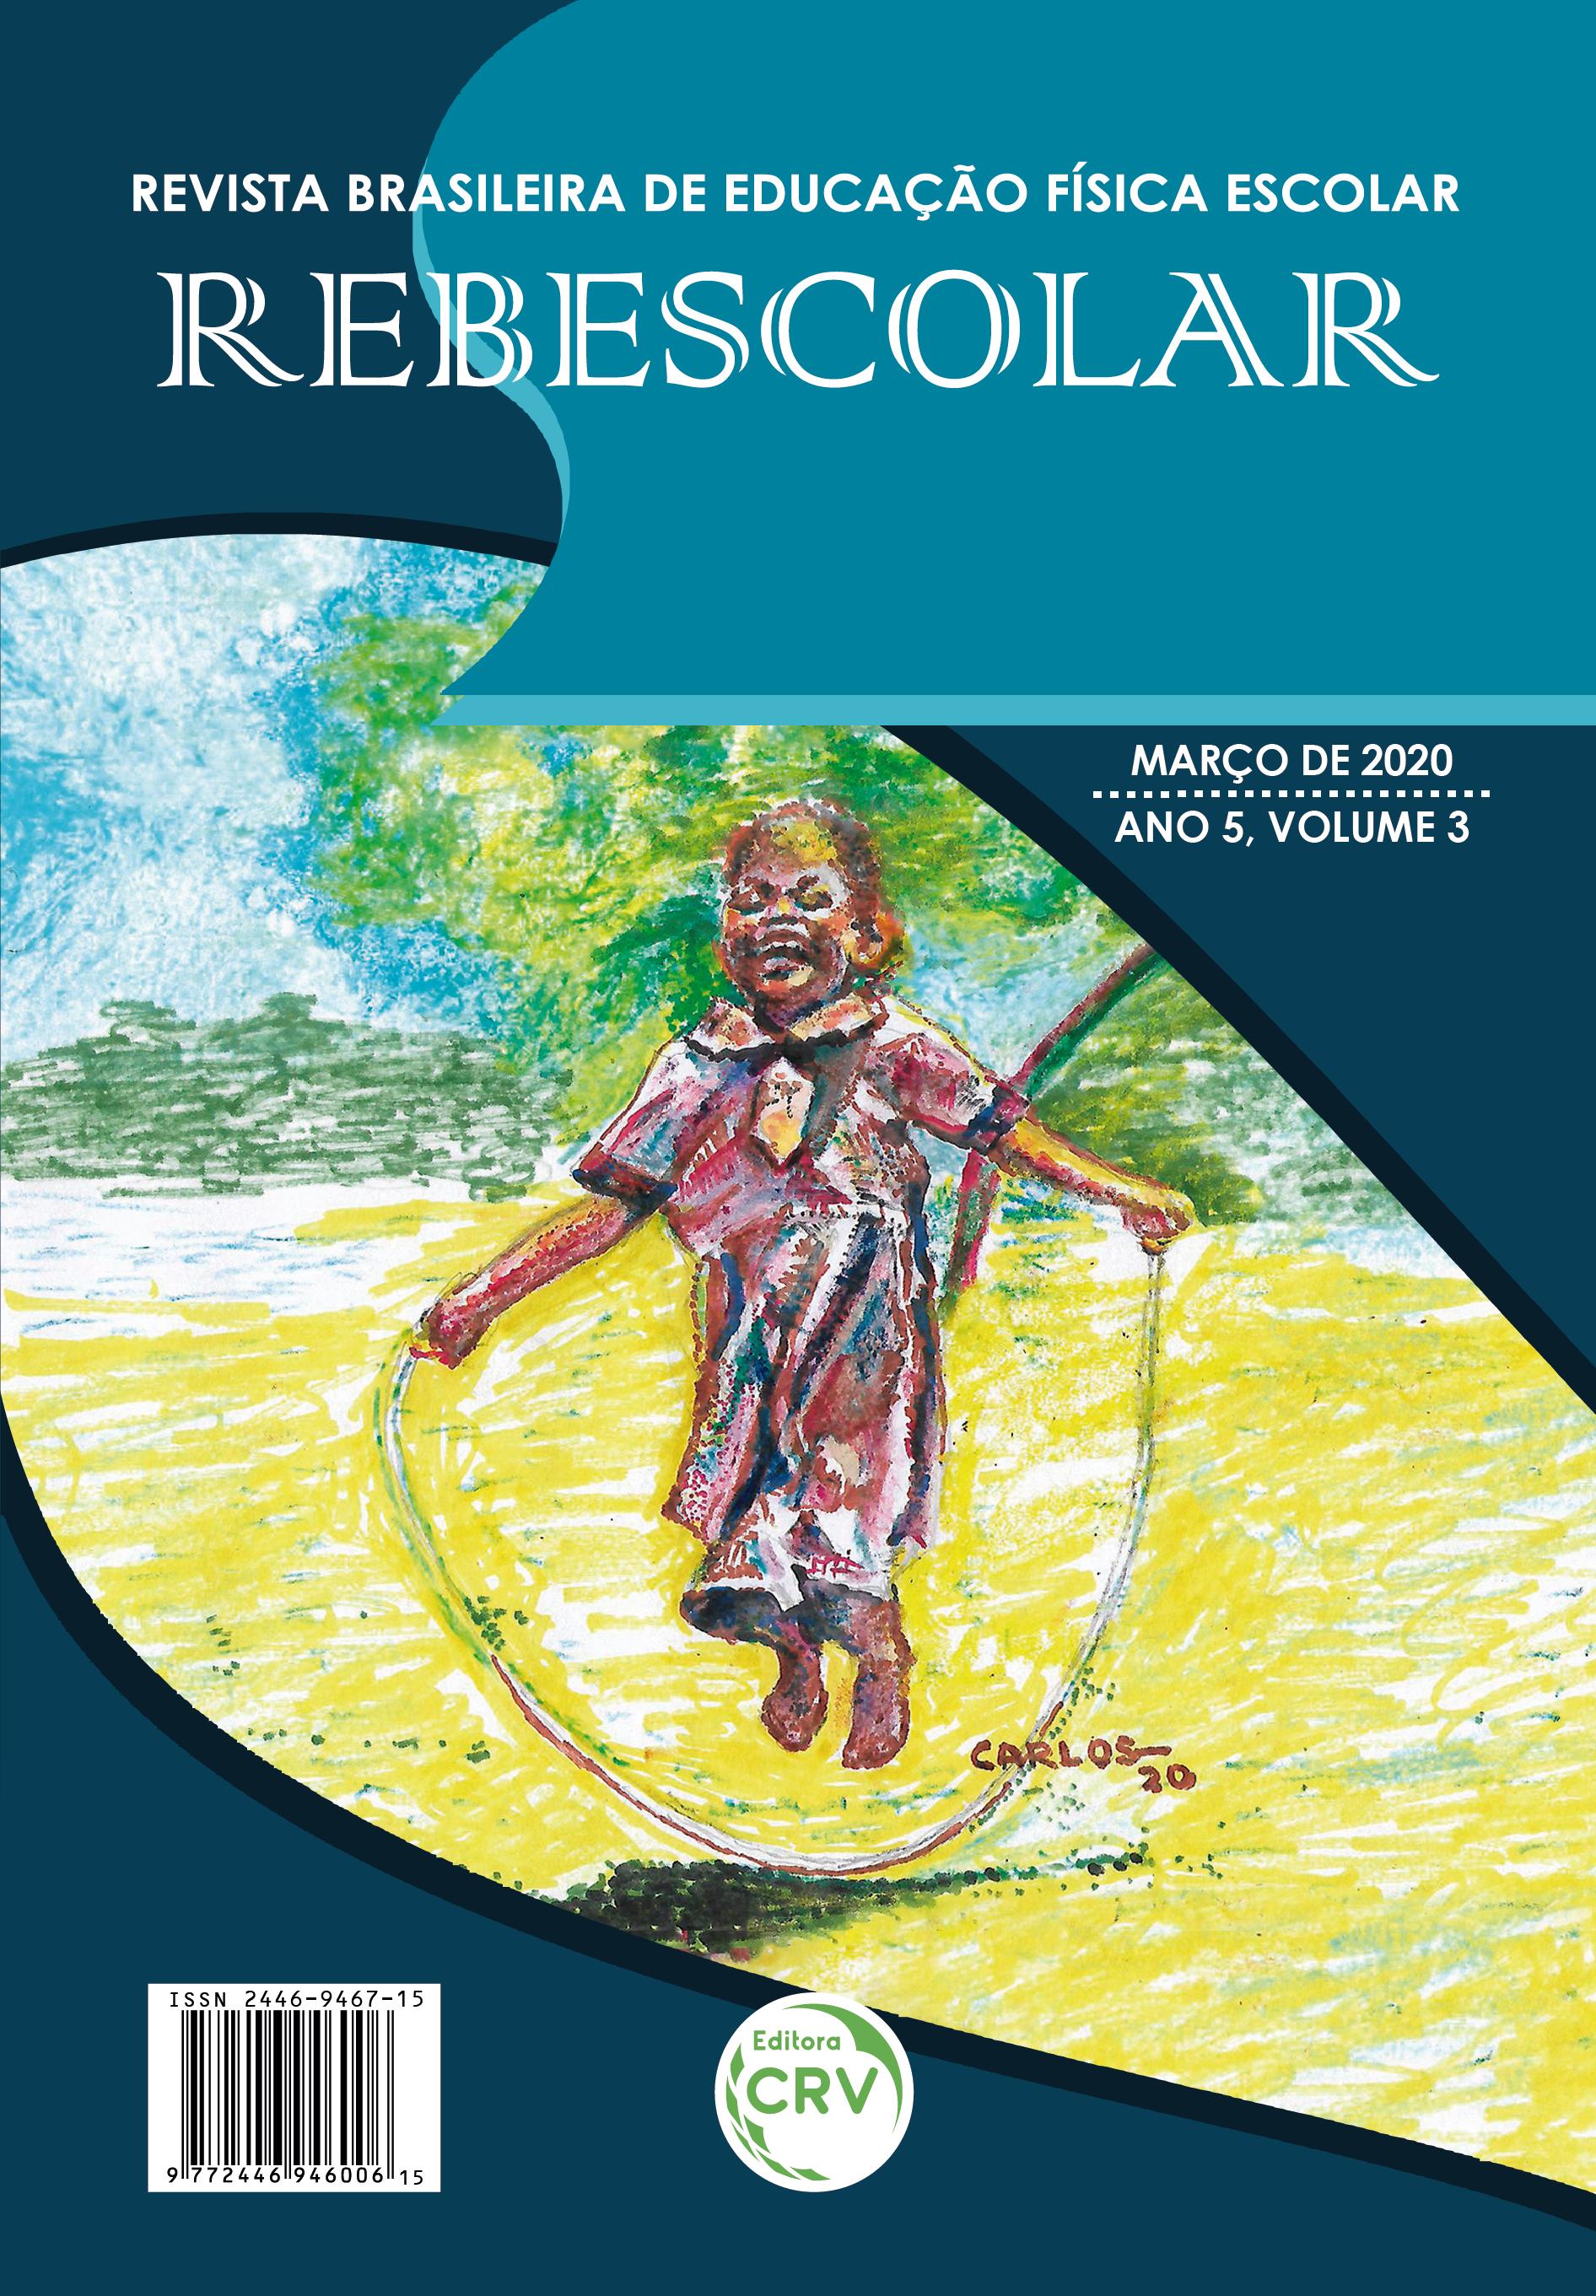 Capa do livro: ANO V – VOLUME III – MARÇO 2020 <br> REVISTA BRASILEIRA DE EDUCAÇÃO FÍSICA ESCOLAR - REBESCOLAR